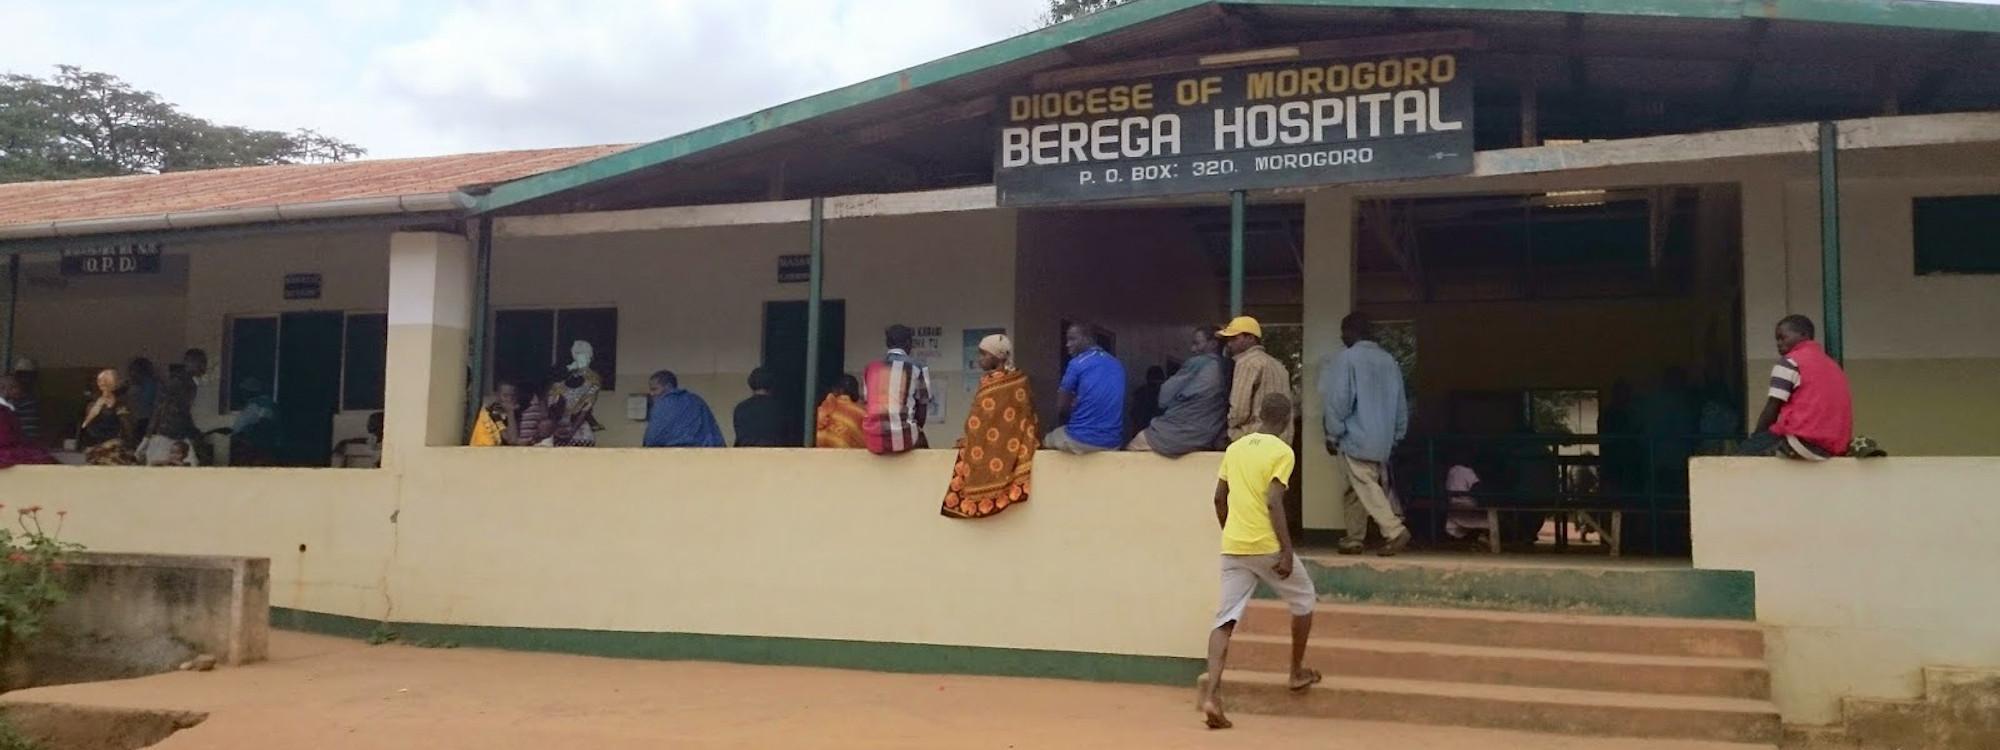 Berega Hospital